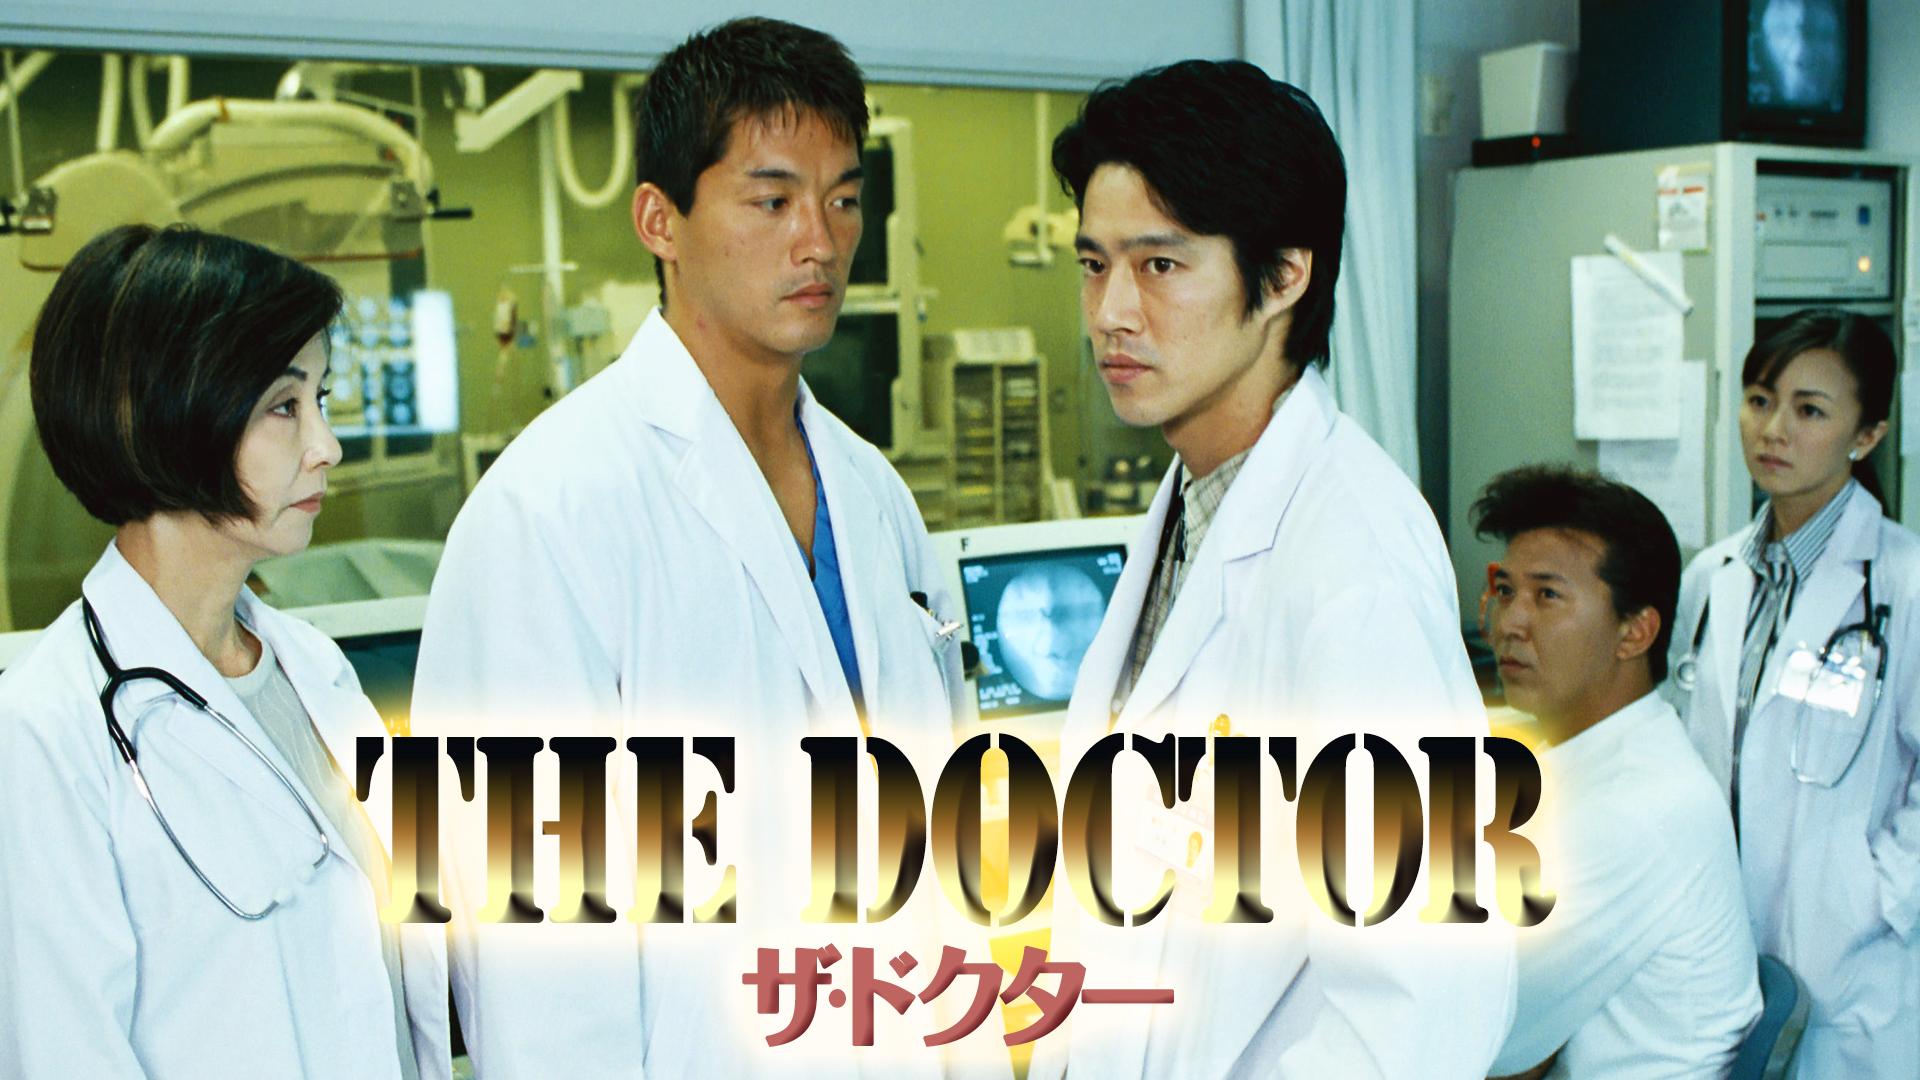 ザ・ドクター 動画